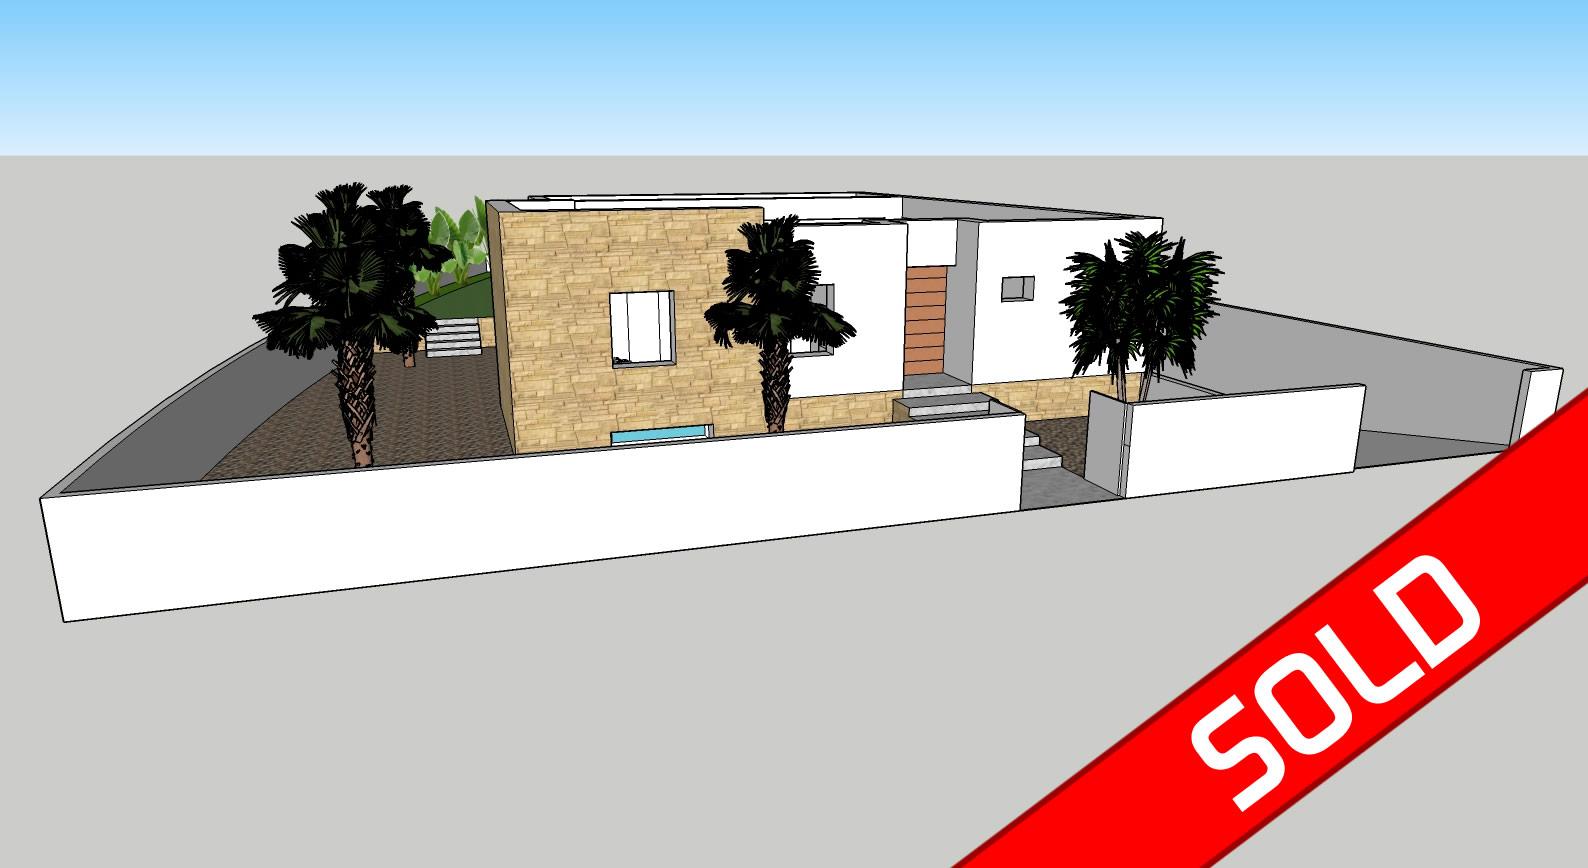 Nieuwbouwproject Caporchanes Vera Playa , Almeria